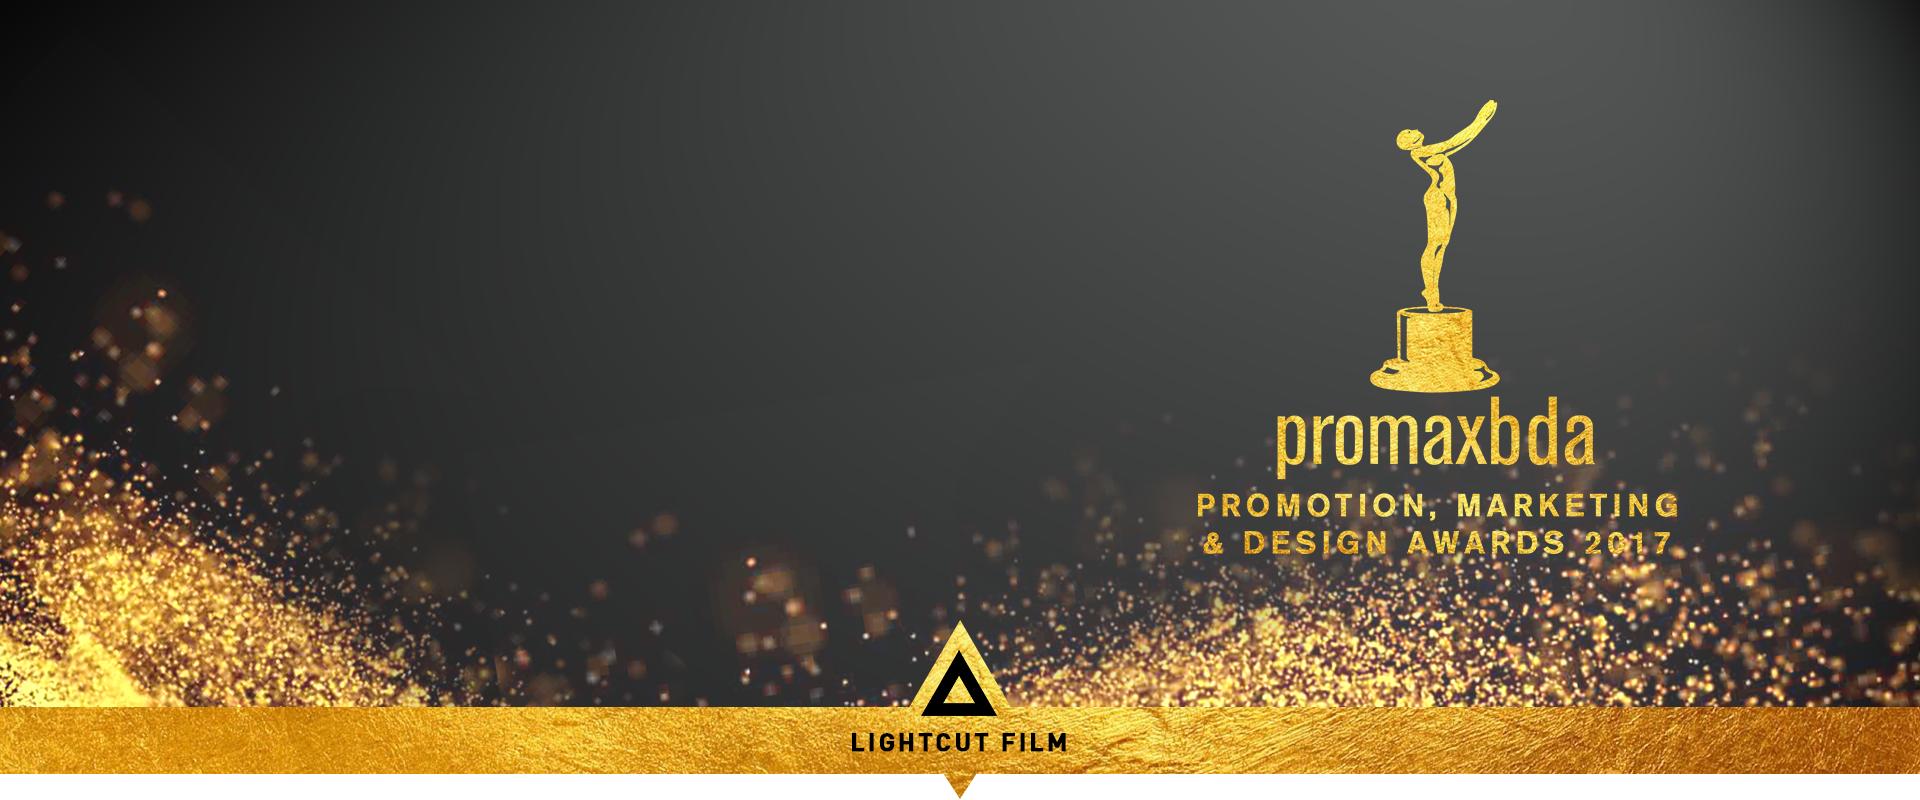 Promax BDA, Promotion Marketing & Design Awards 2017